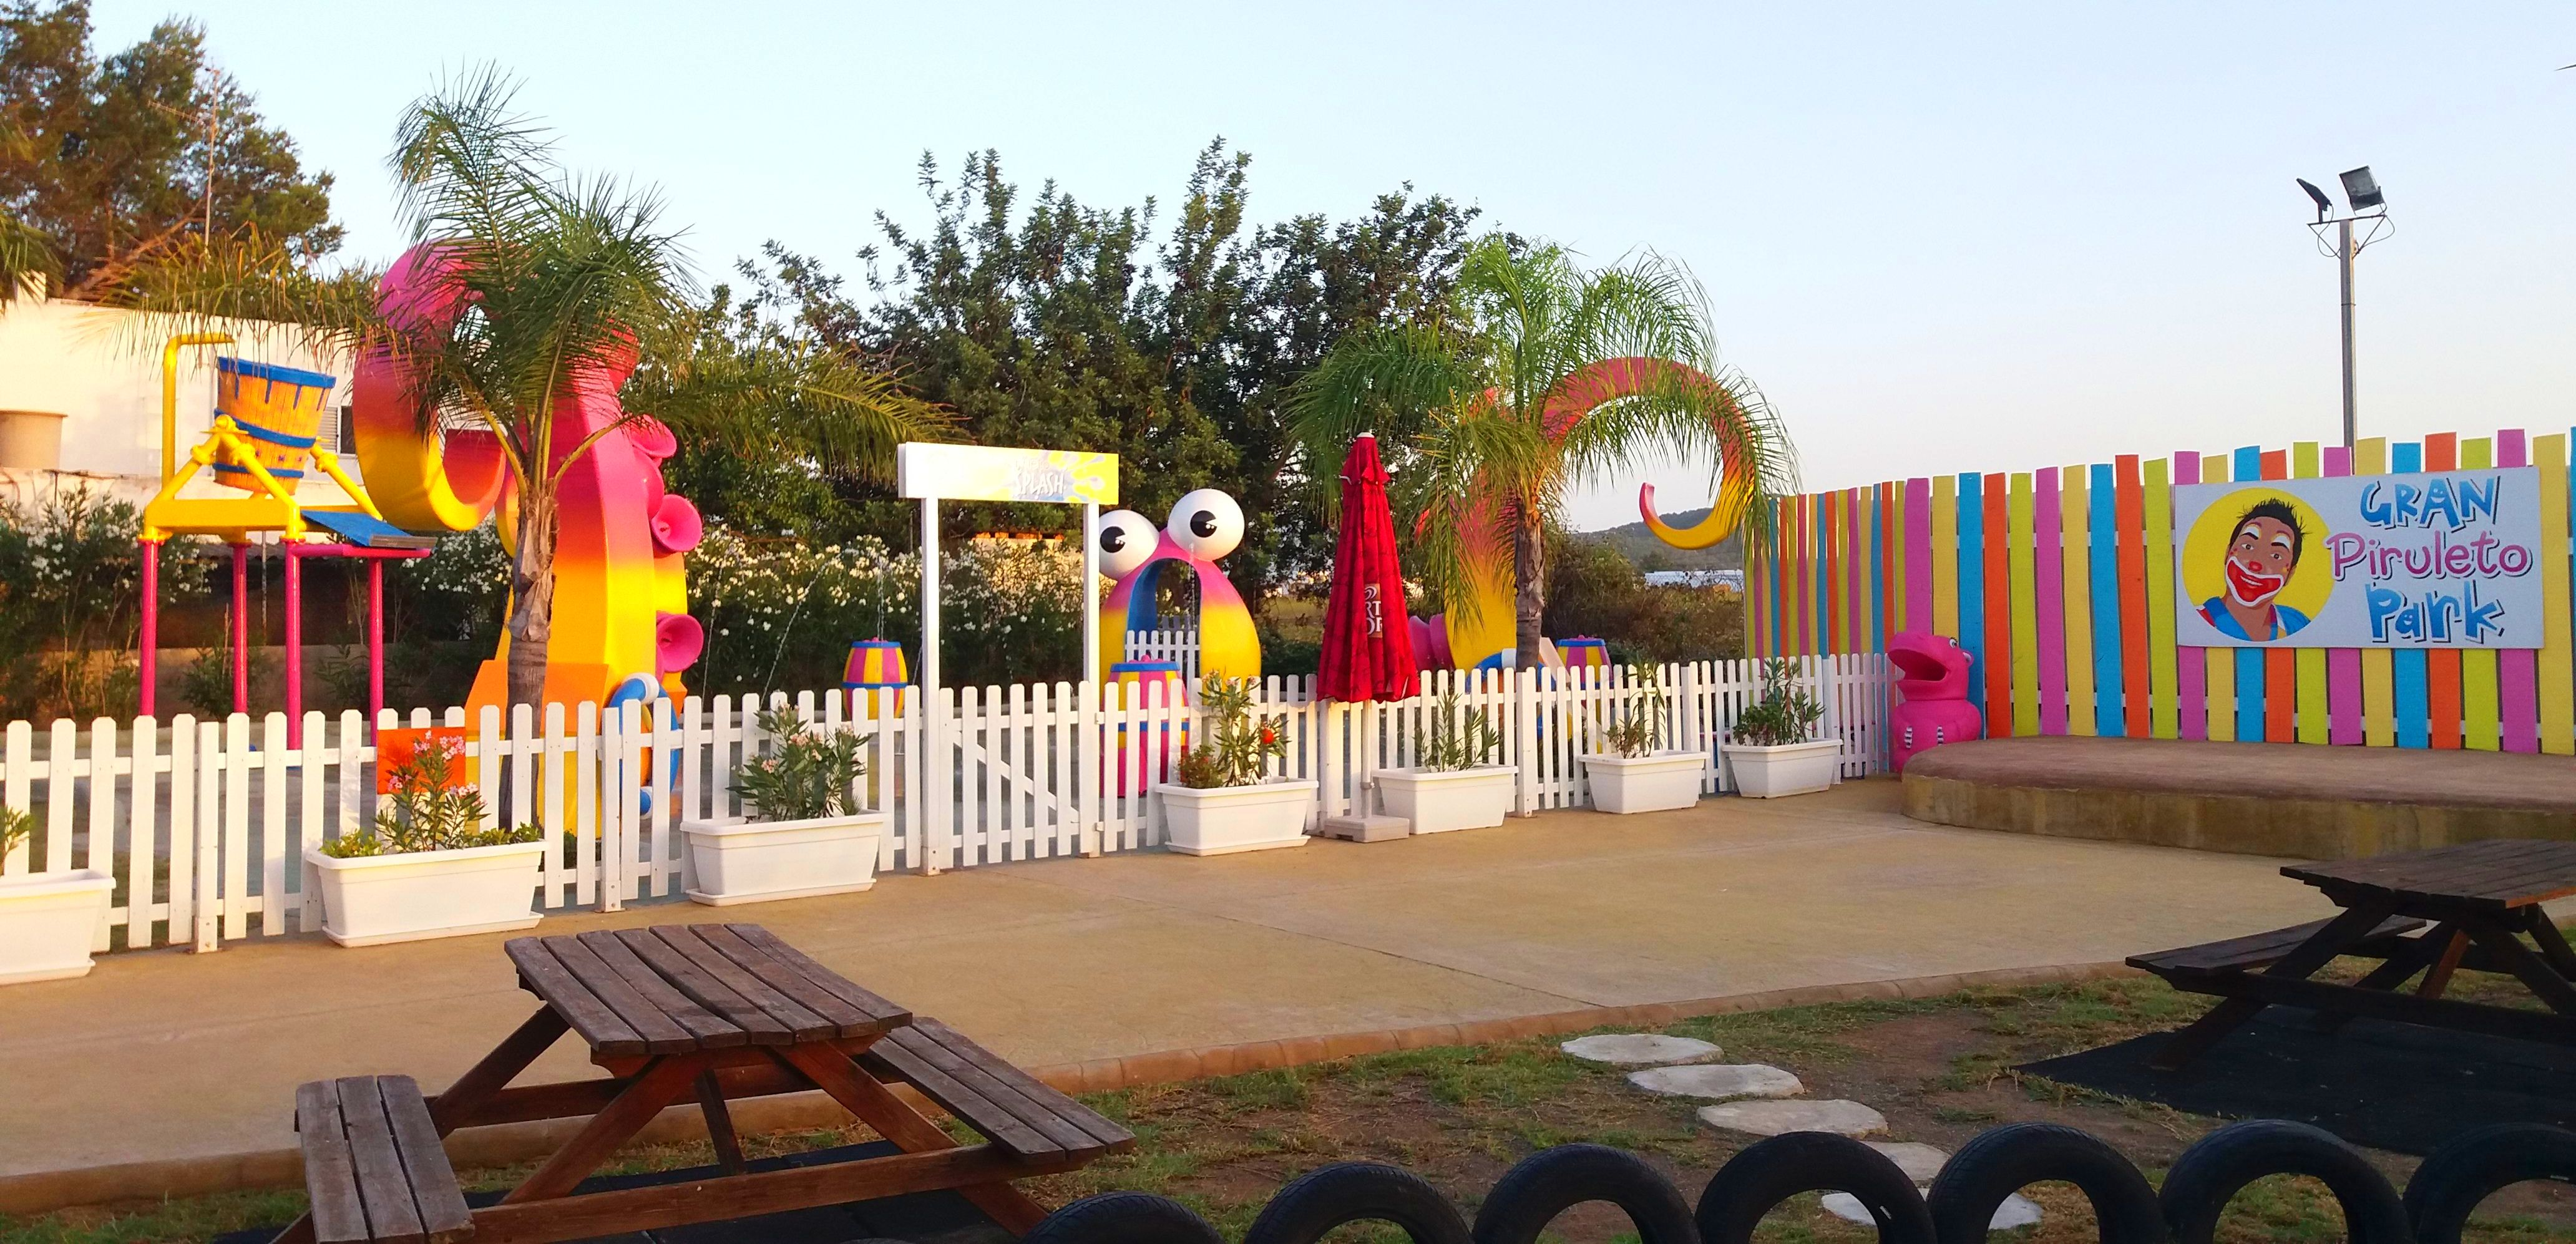 Foto 51 de Parque temático infantil en Ibiza en Platja d'En Bossa | Gran Piruleto Park